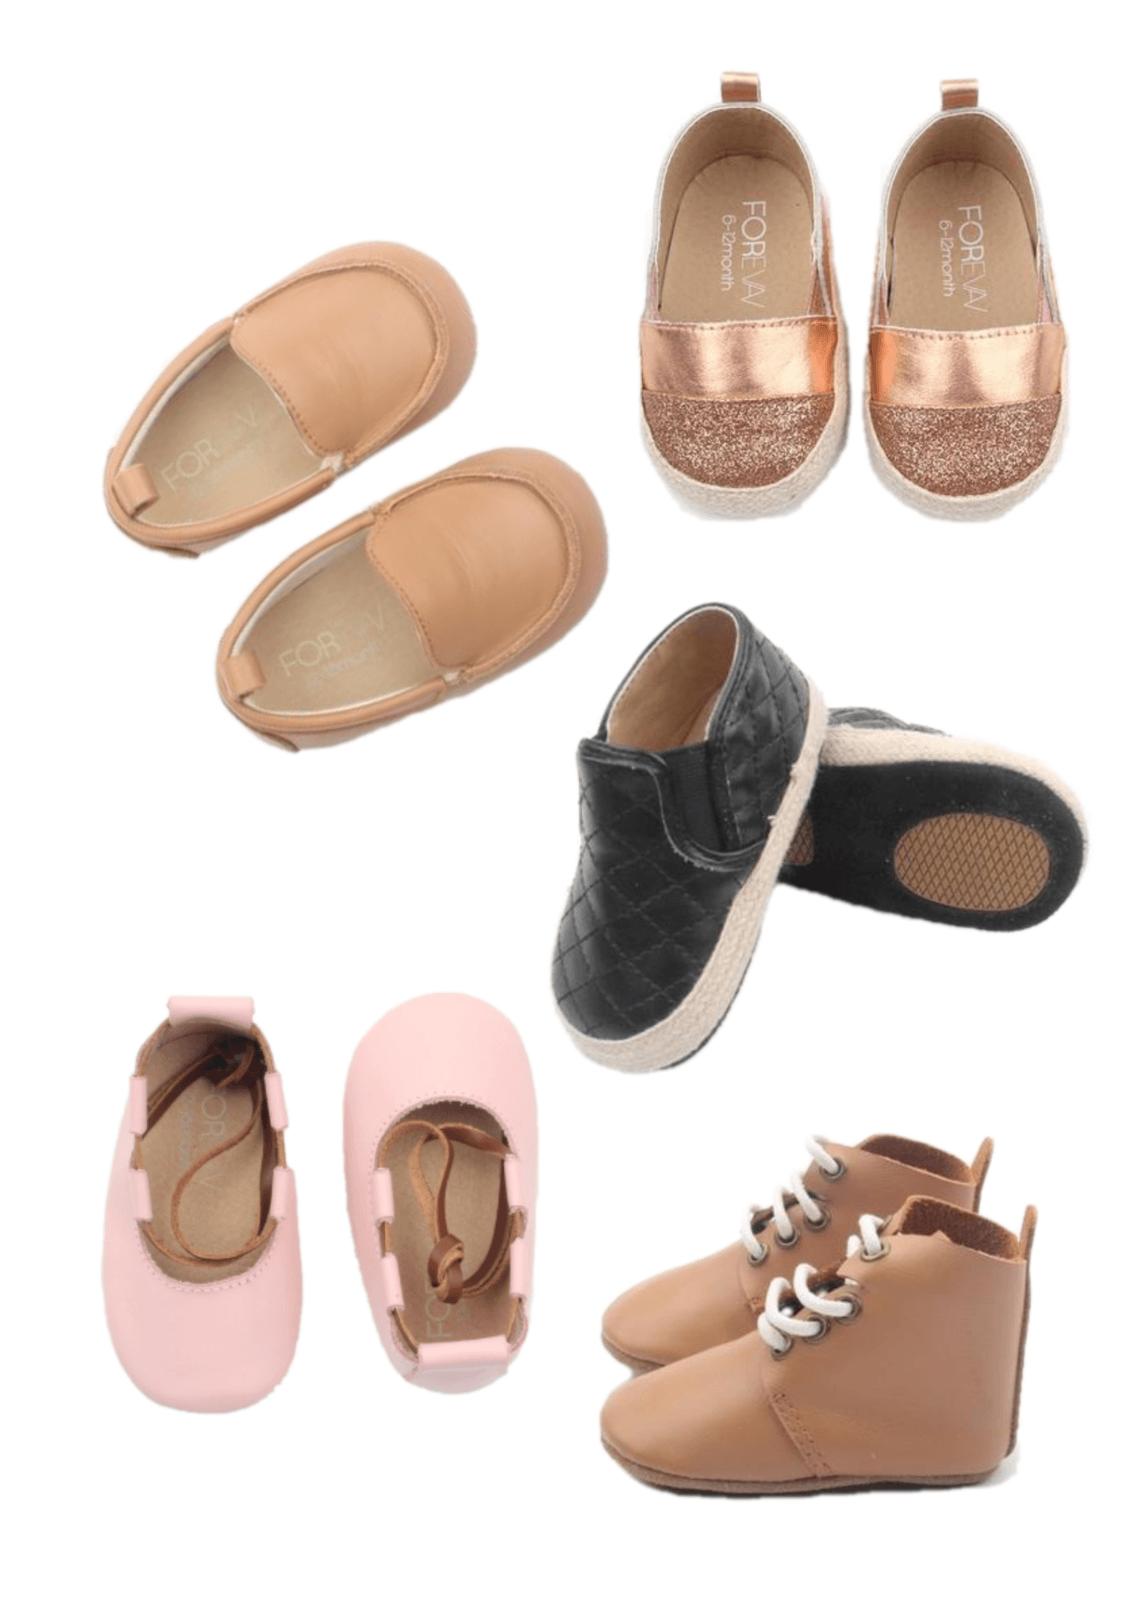 ForevaV-kids-shoes